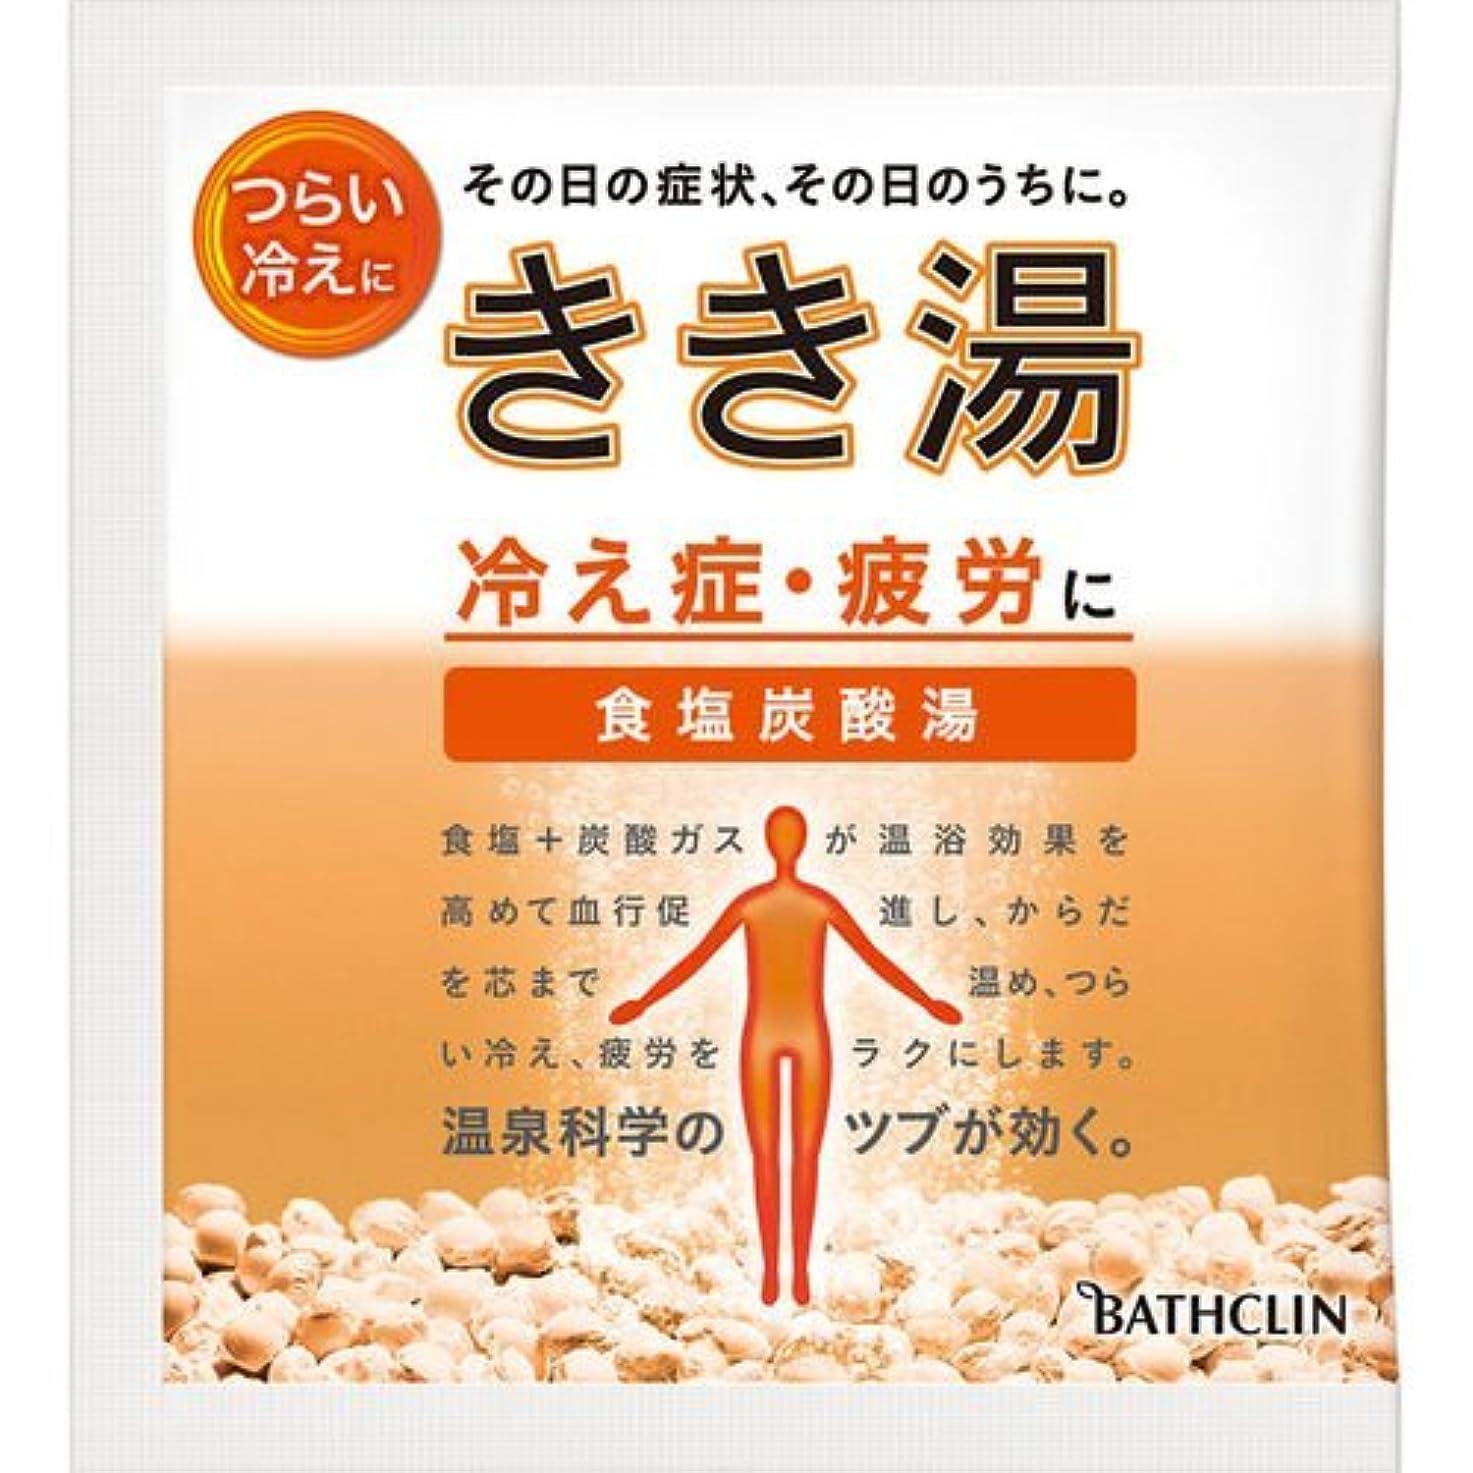 眼習熟度放つきき湯 食塩炭酸湯 30g 分包[医薬部外品]